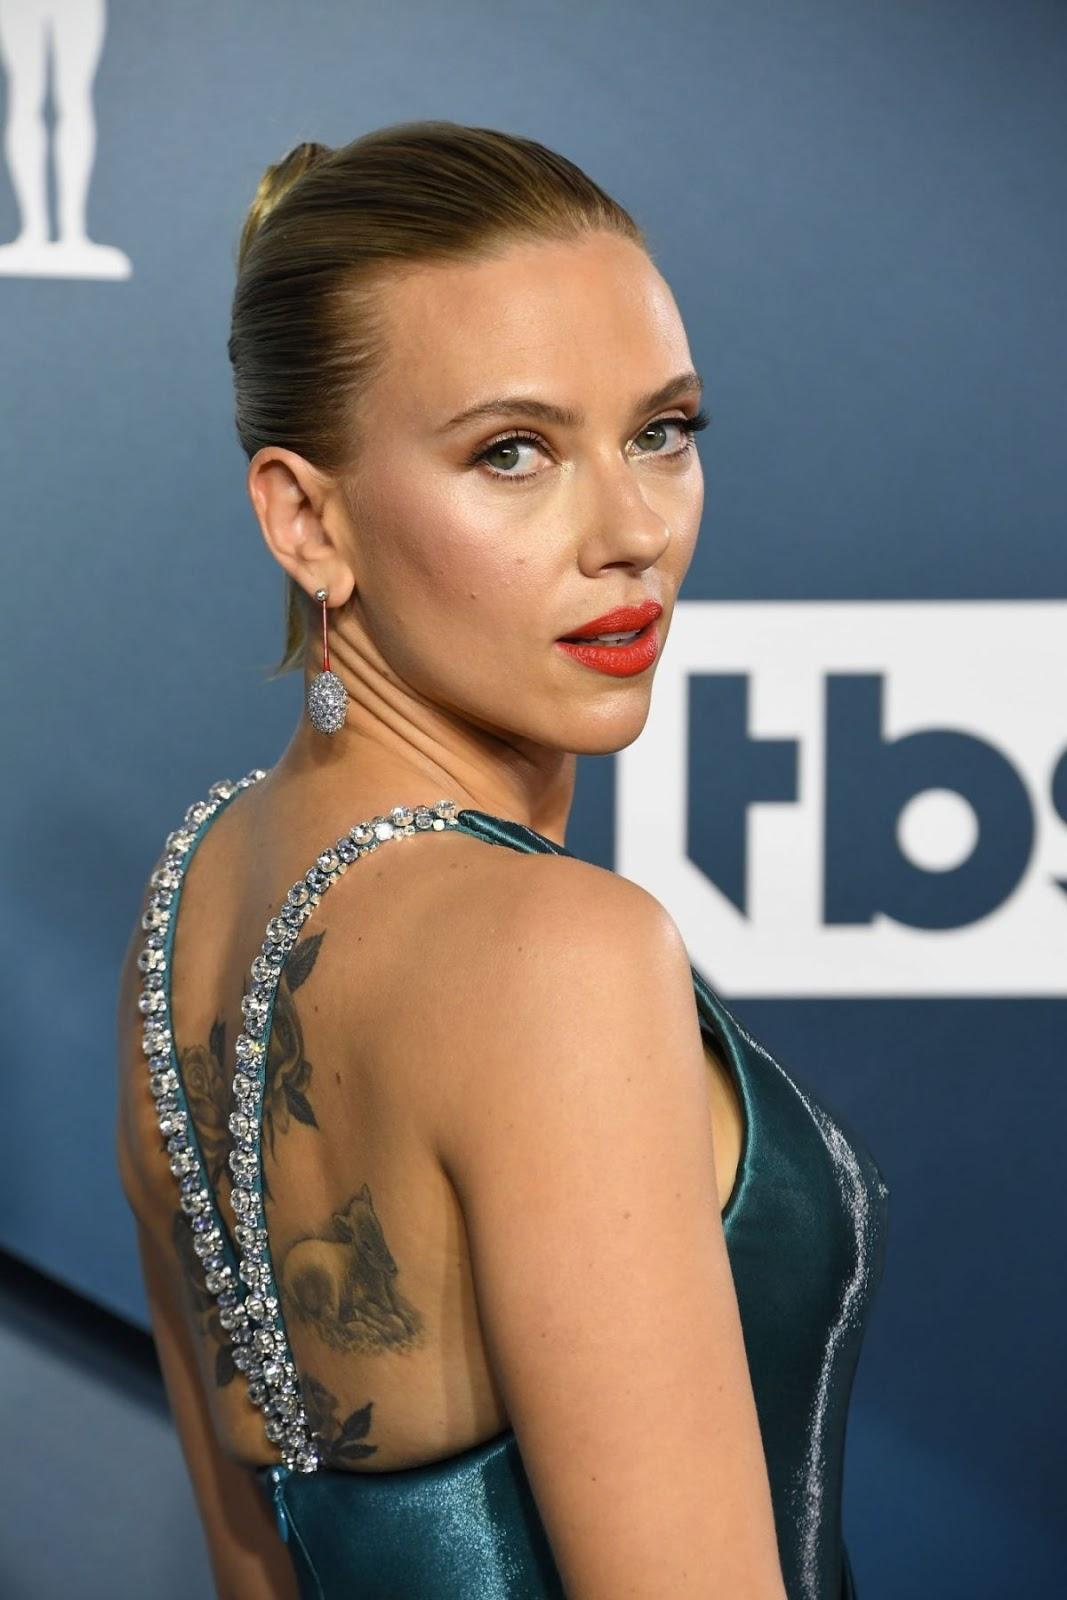 Scarlett Johansson Looks Hot in Party Dress